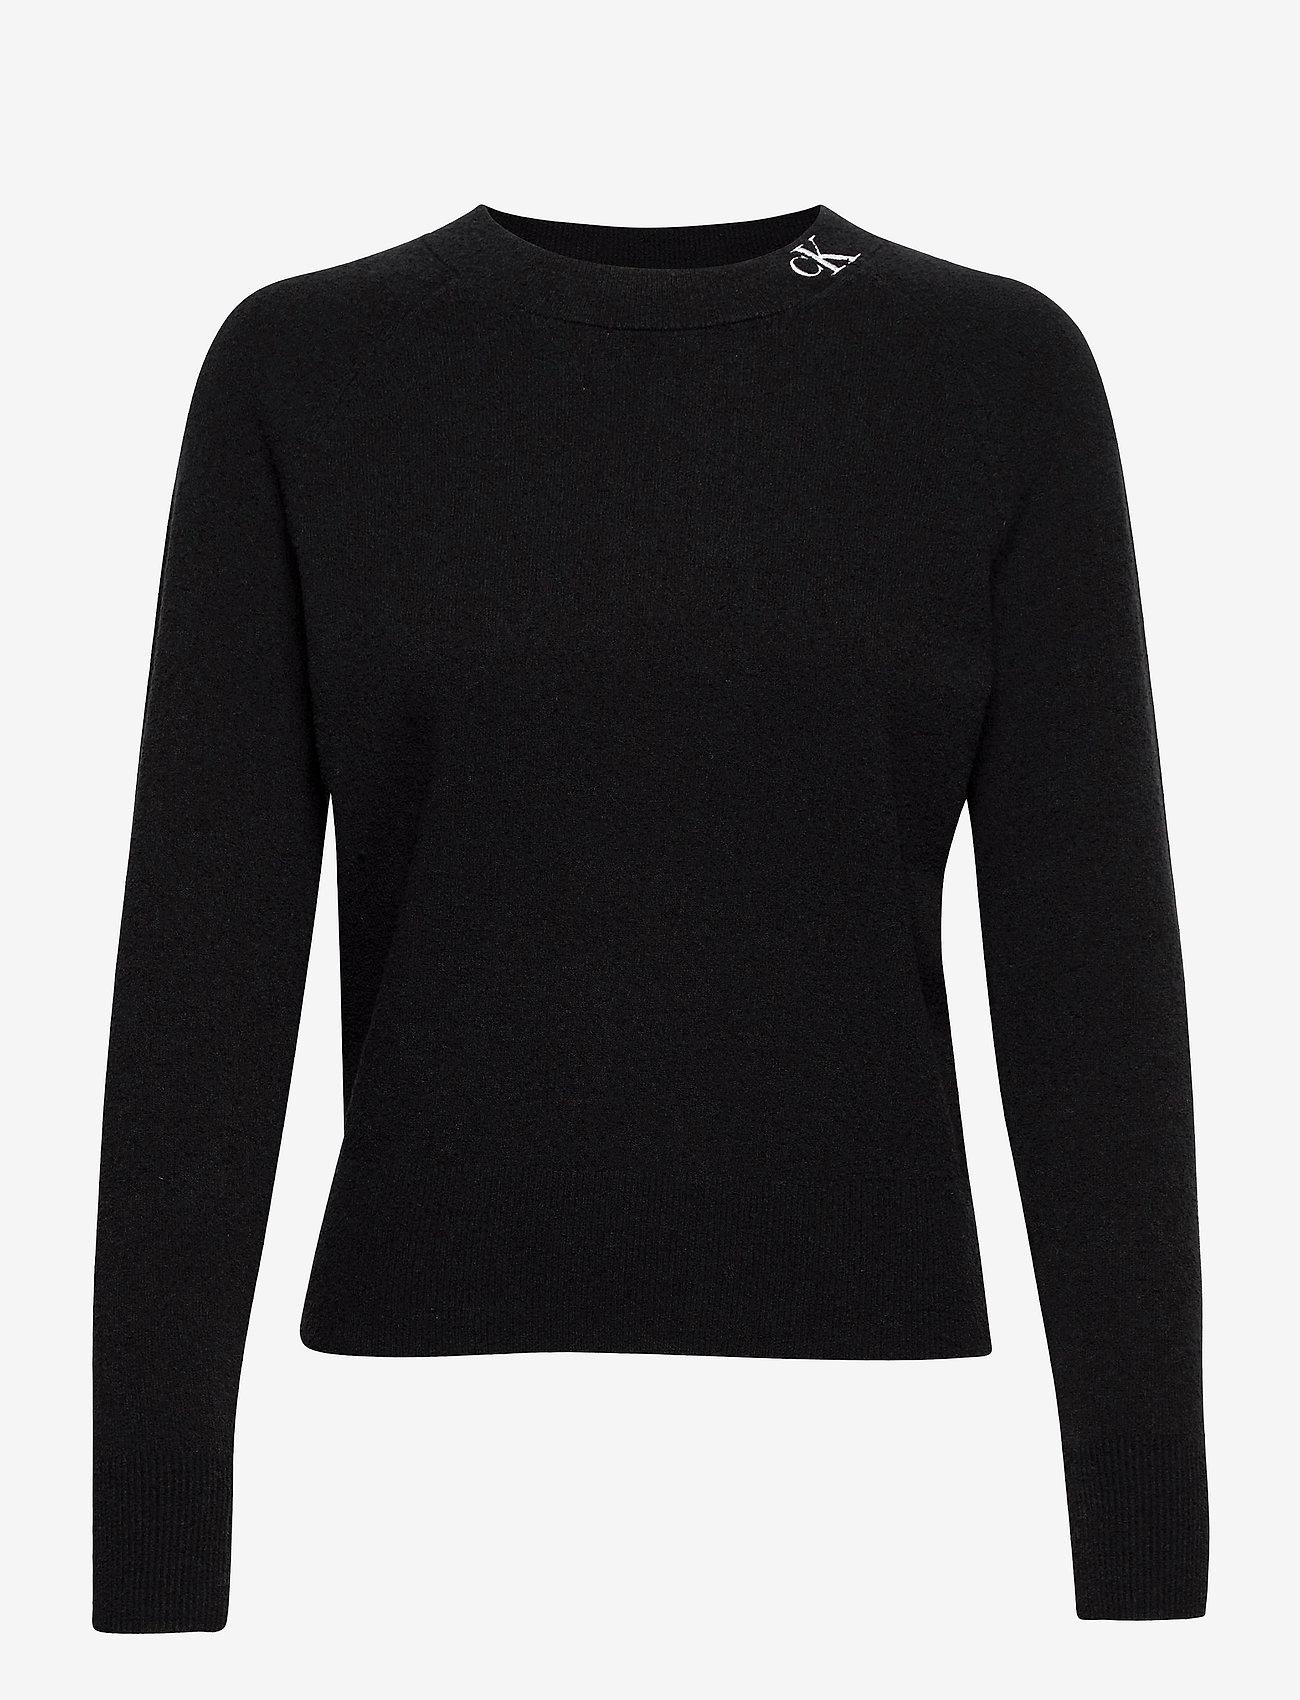 Calvin Klein Jeans - NECK LOGO FLUFFY SWEATER - gensere - ck black - 0